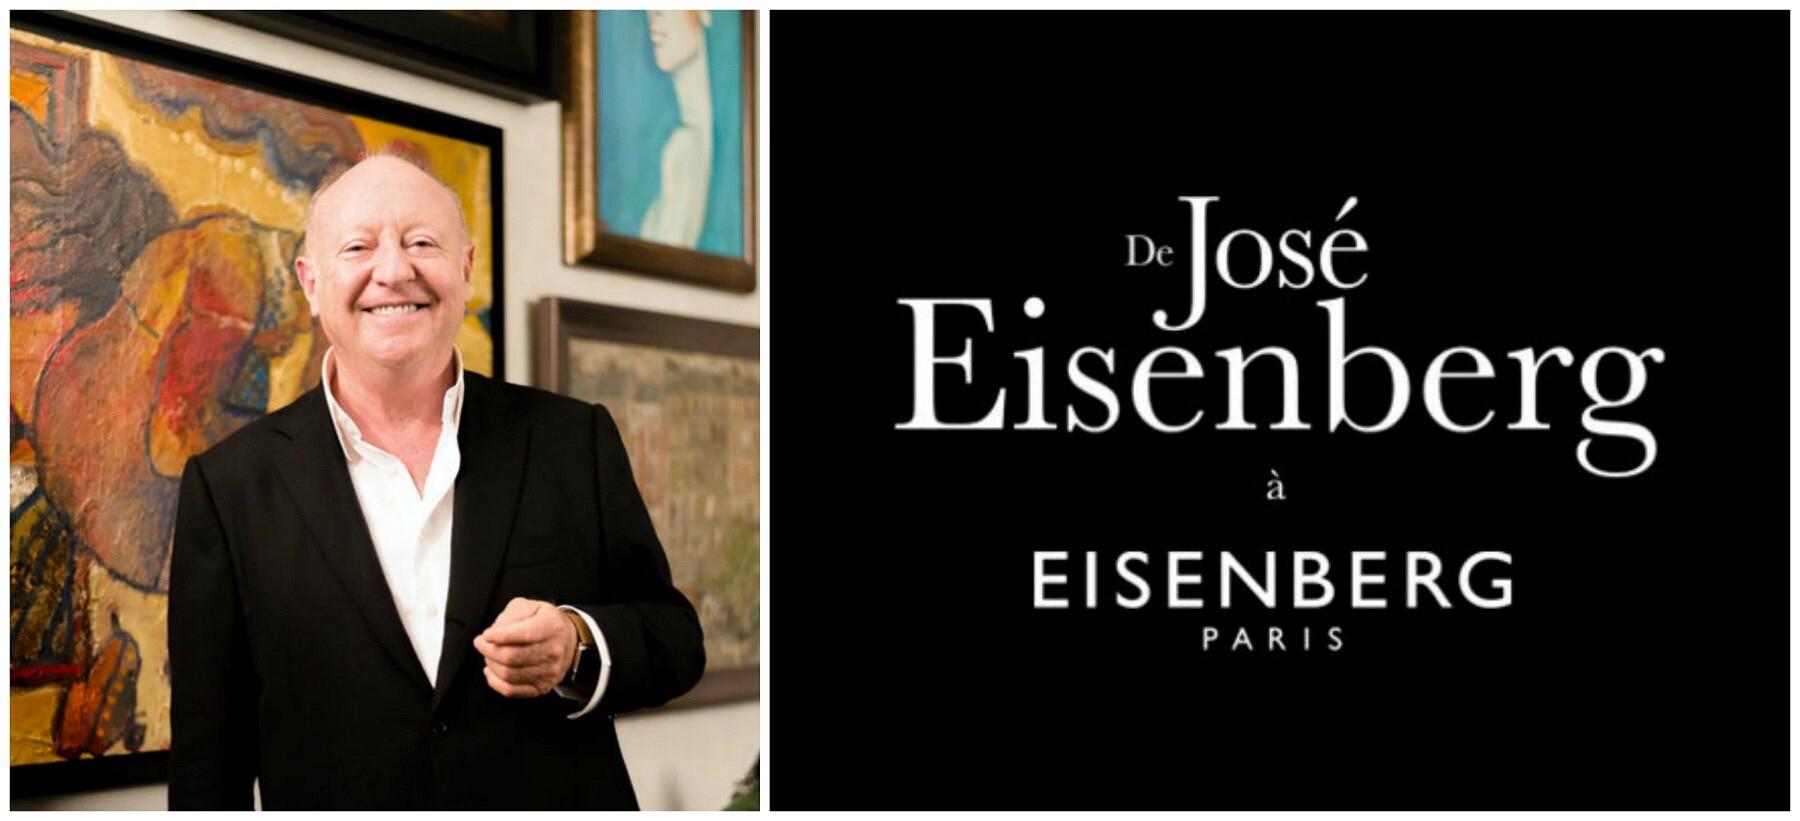 Жозе Айзенберг: красота, неподвластная времени